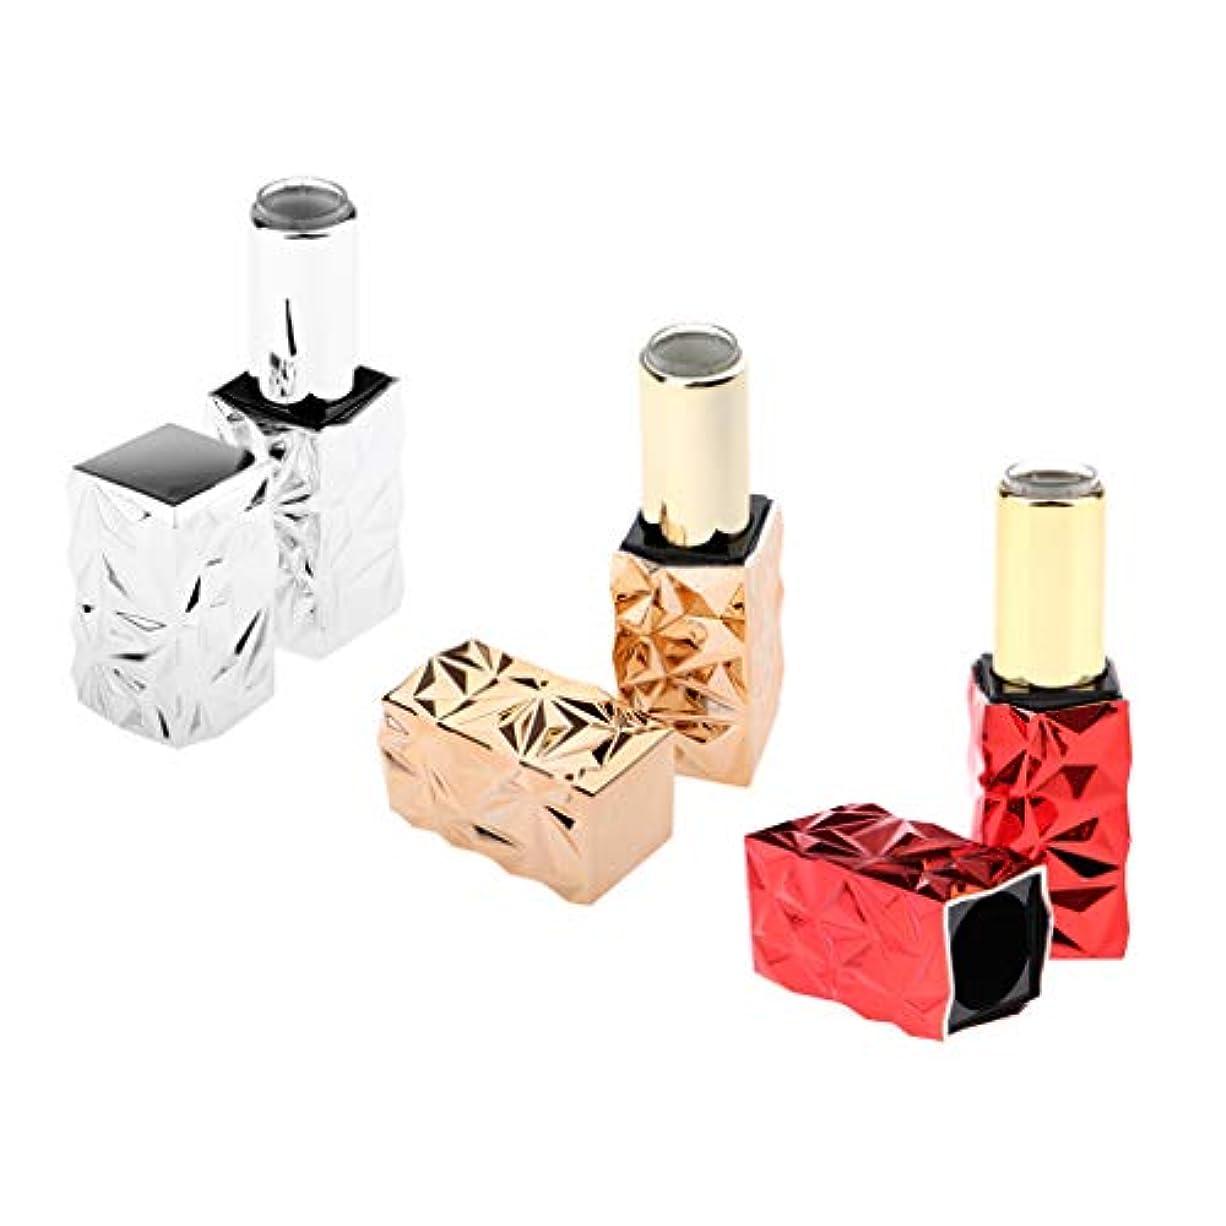 クロステクスチャー二度Perfeclan 口紅 容器 空 リップスティックチューブ 口紅の管 口紅チューブ プラスチック 持ち運び便利